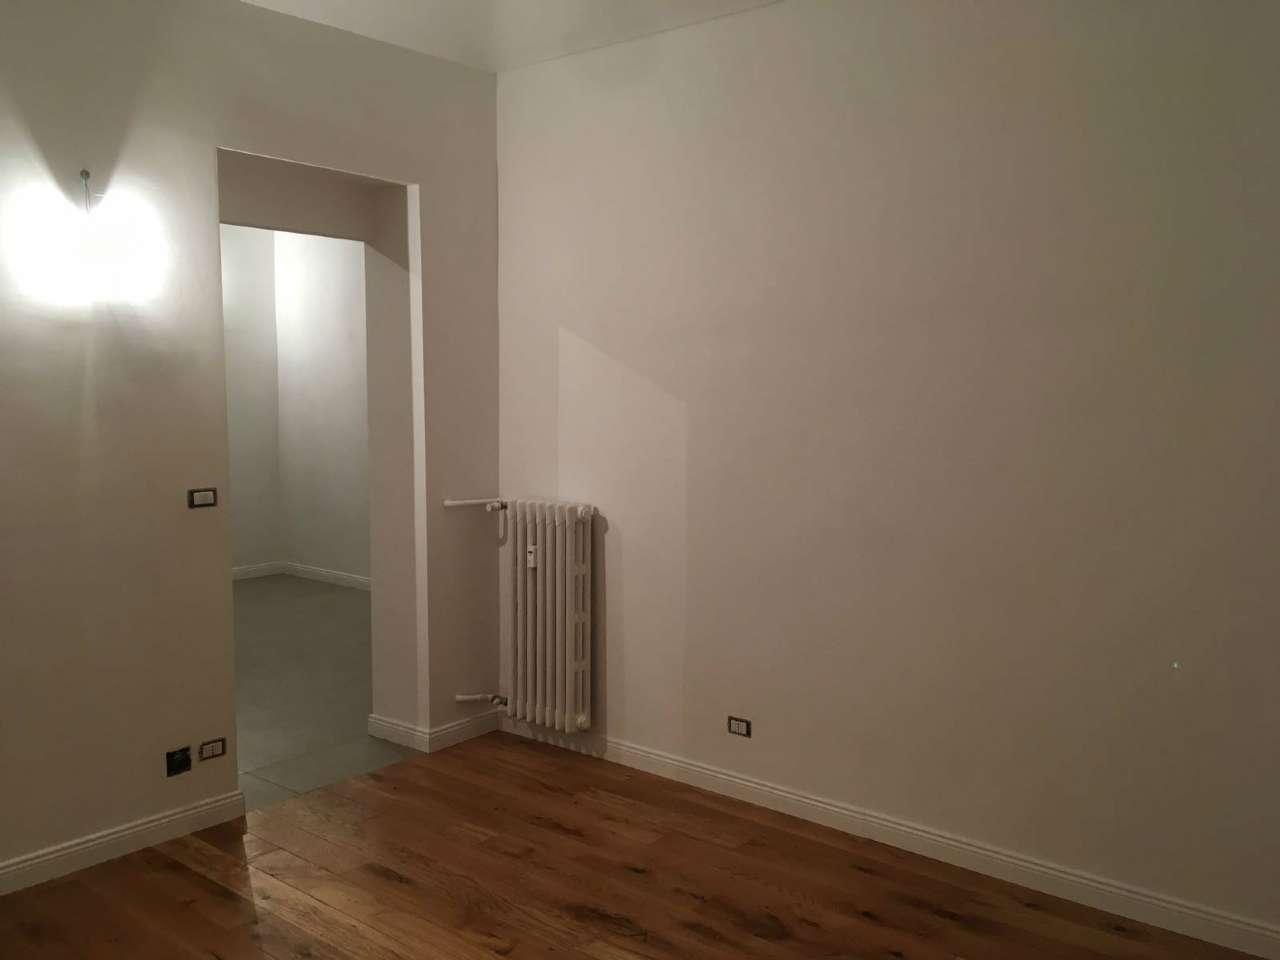 Appartamento in vendita Zona Cit Turin, San Donato, Campidoglio - via ROASIO Torino